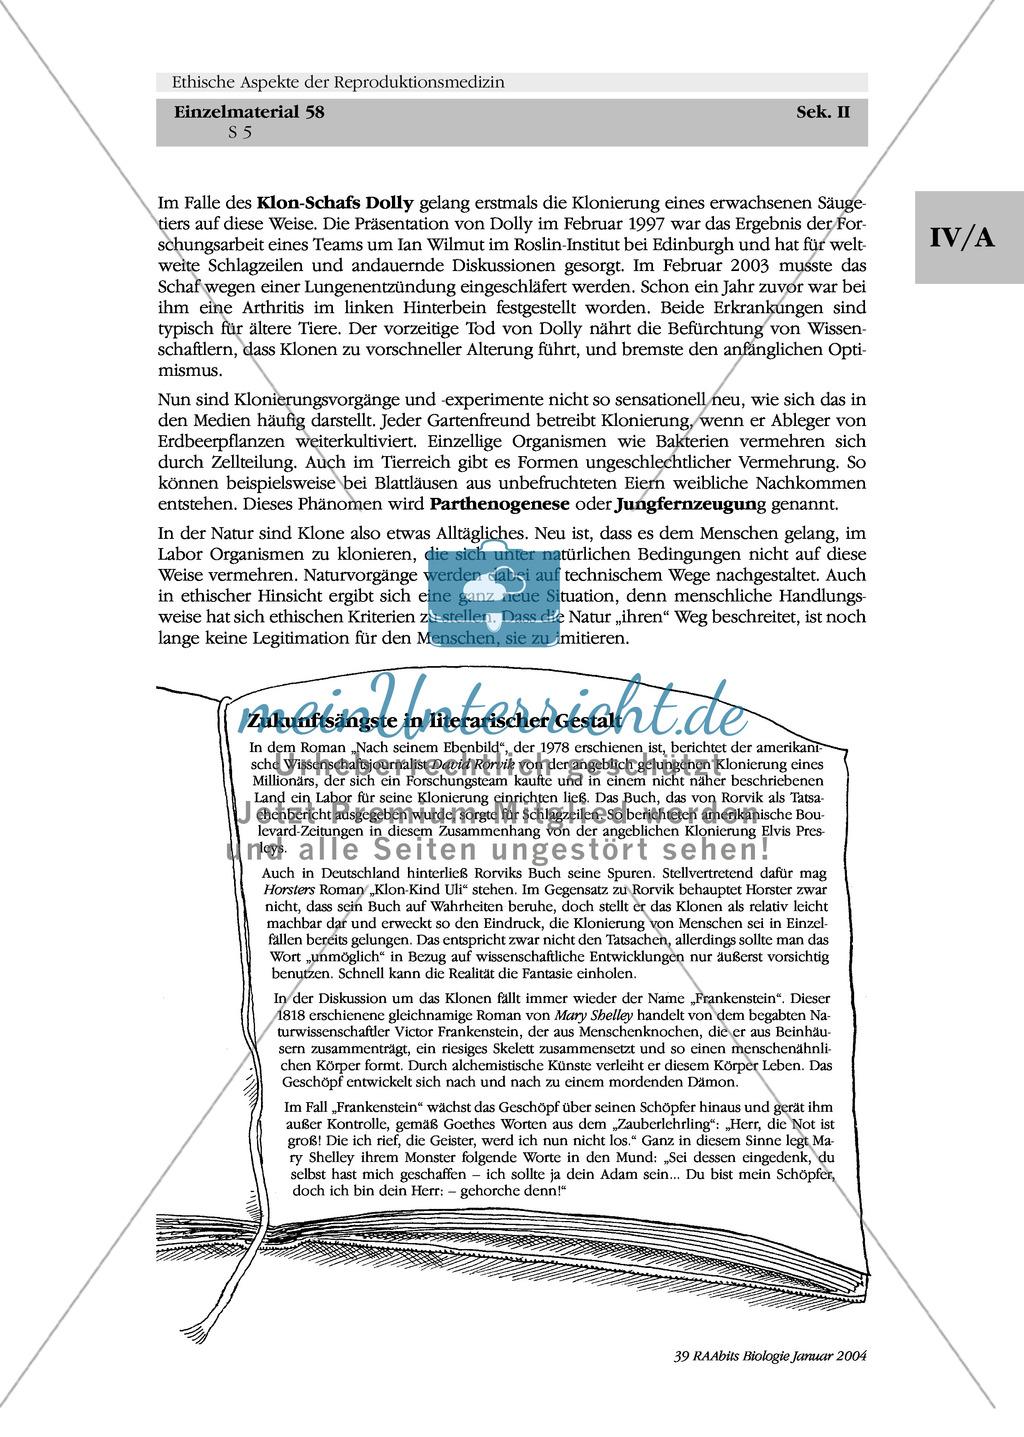 Ethische Aspekte der Reproduktionsgenetik: Pränatale Diagnostik und Genomanalyse - Prävention oder Selektion? Preview 5